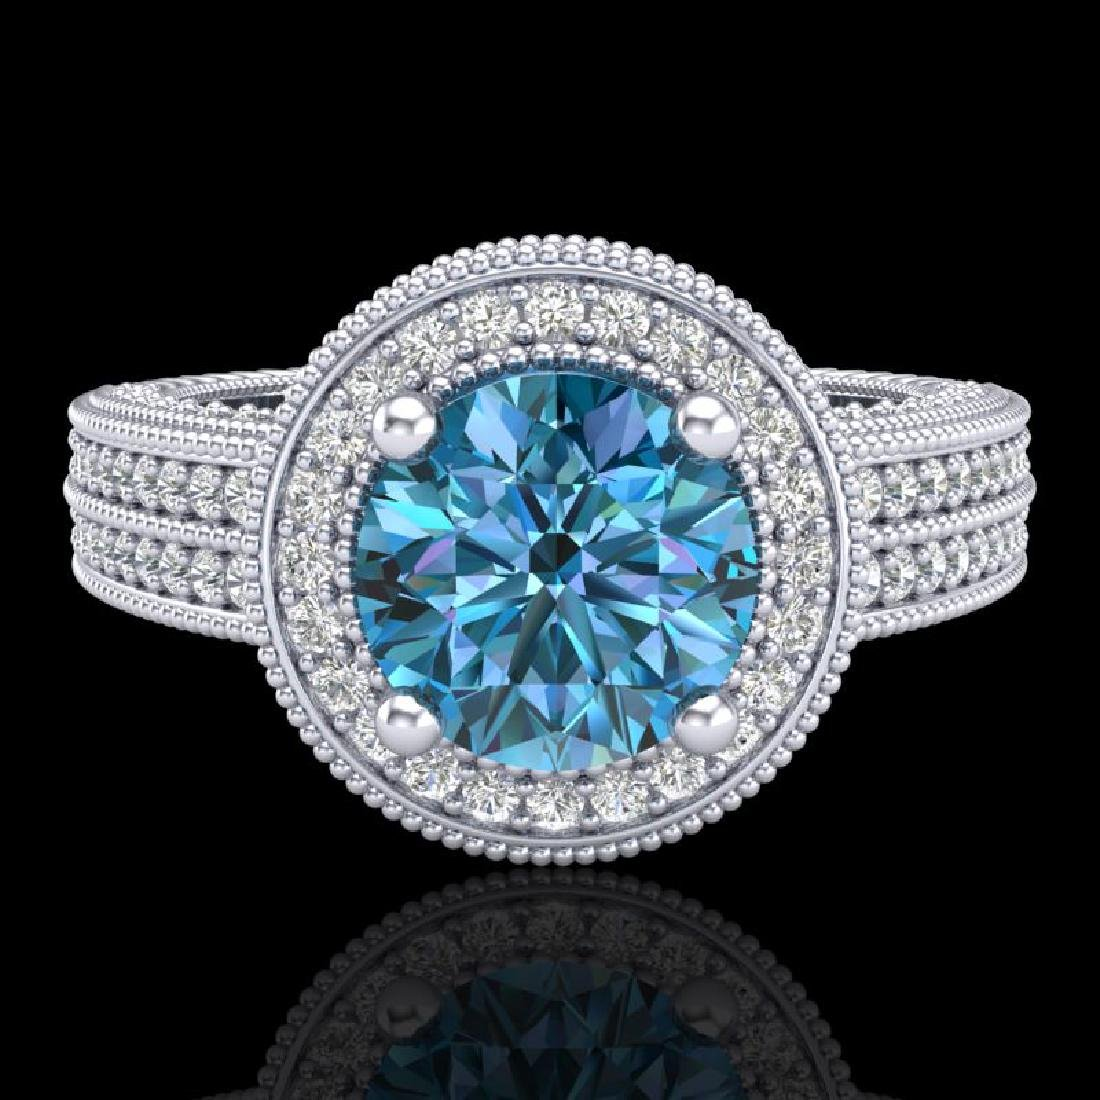 2.8 CTW Intense Blue Diamond Solitaire Engagement Art - 2